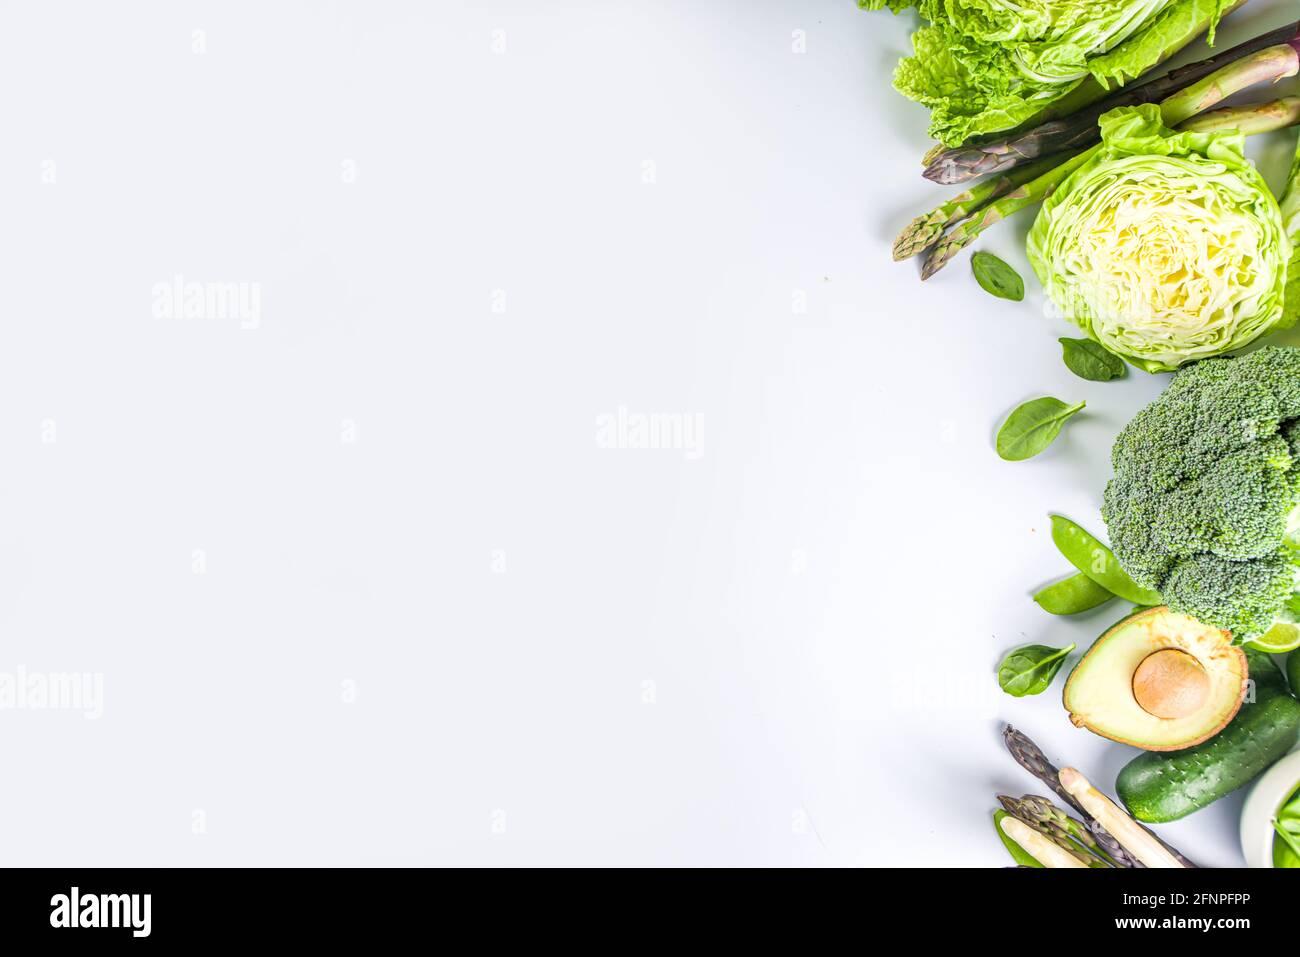 Dieta saludable Antecedentes de la comida de primavera. Surtido de verduras verdes orgánicas frescas - brócoli, coliflor, calabacín, pepinos, espárragos, espinacas Foto de stock